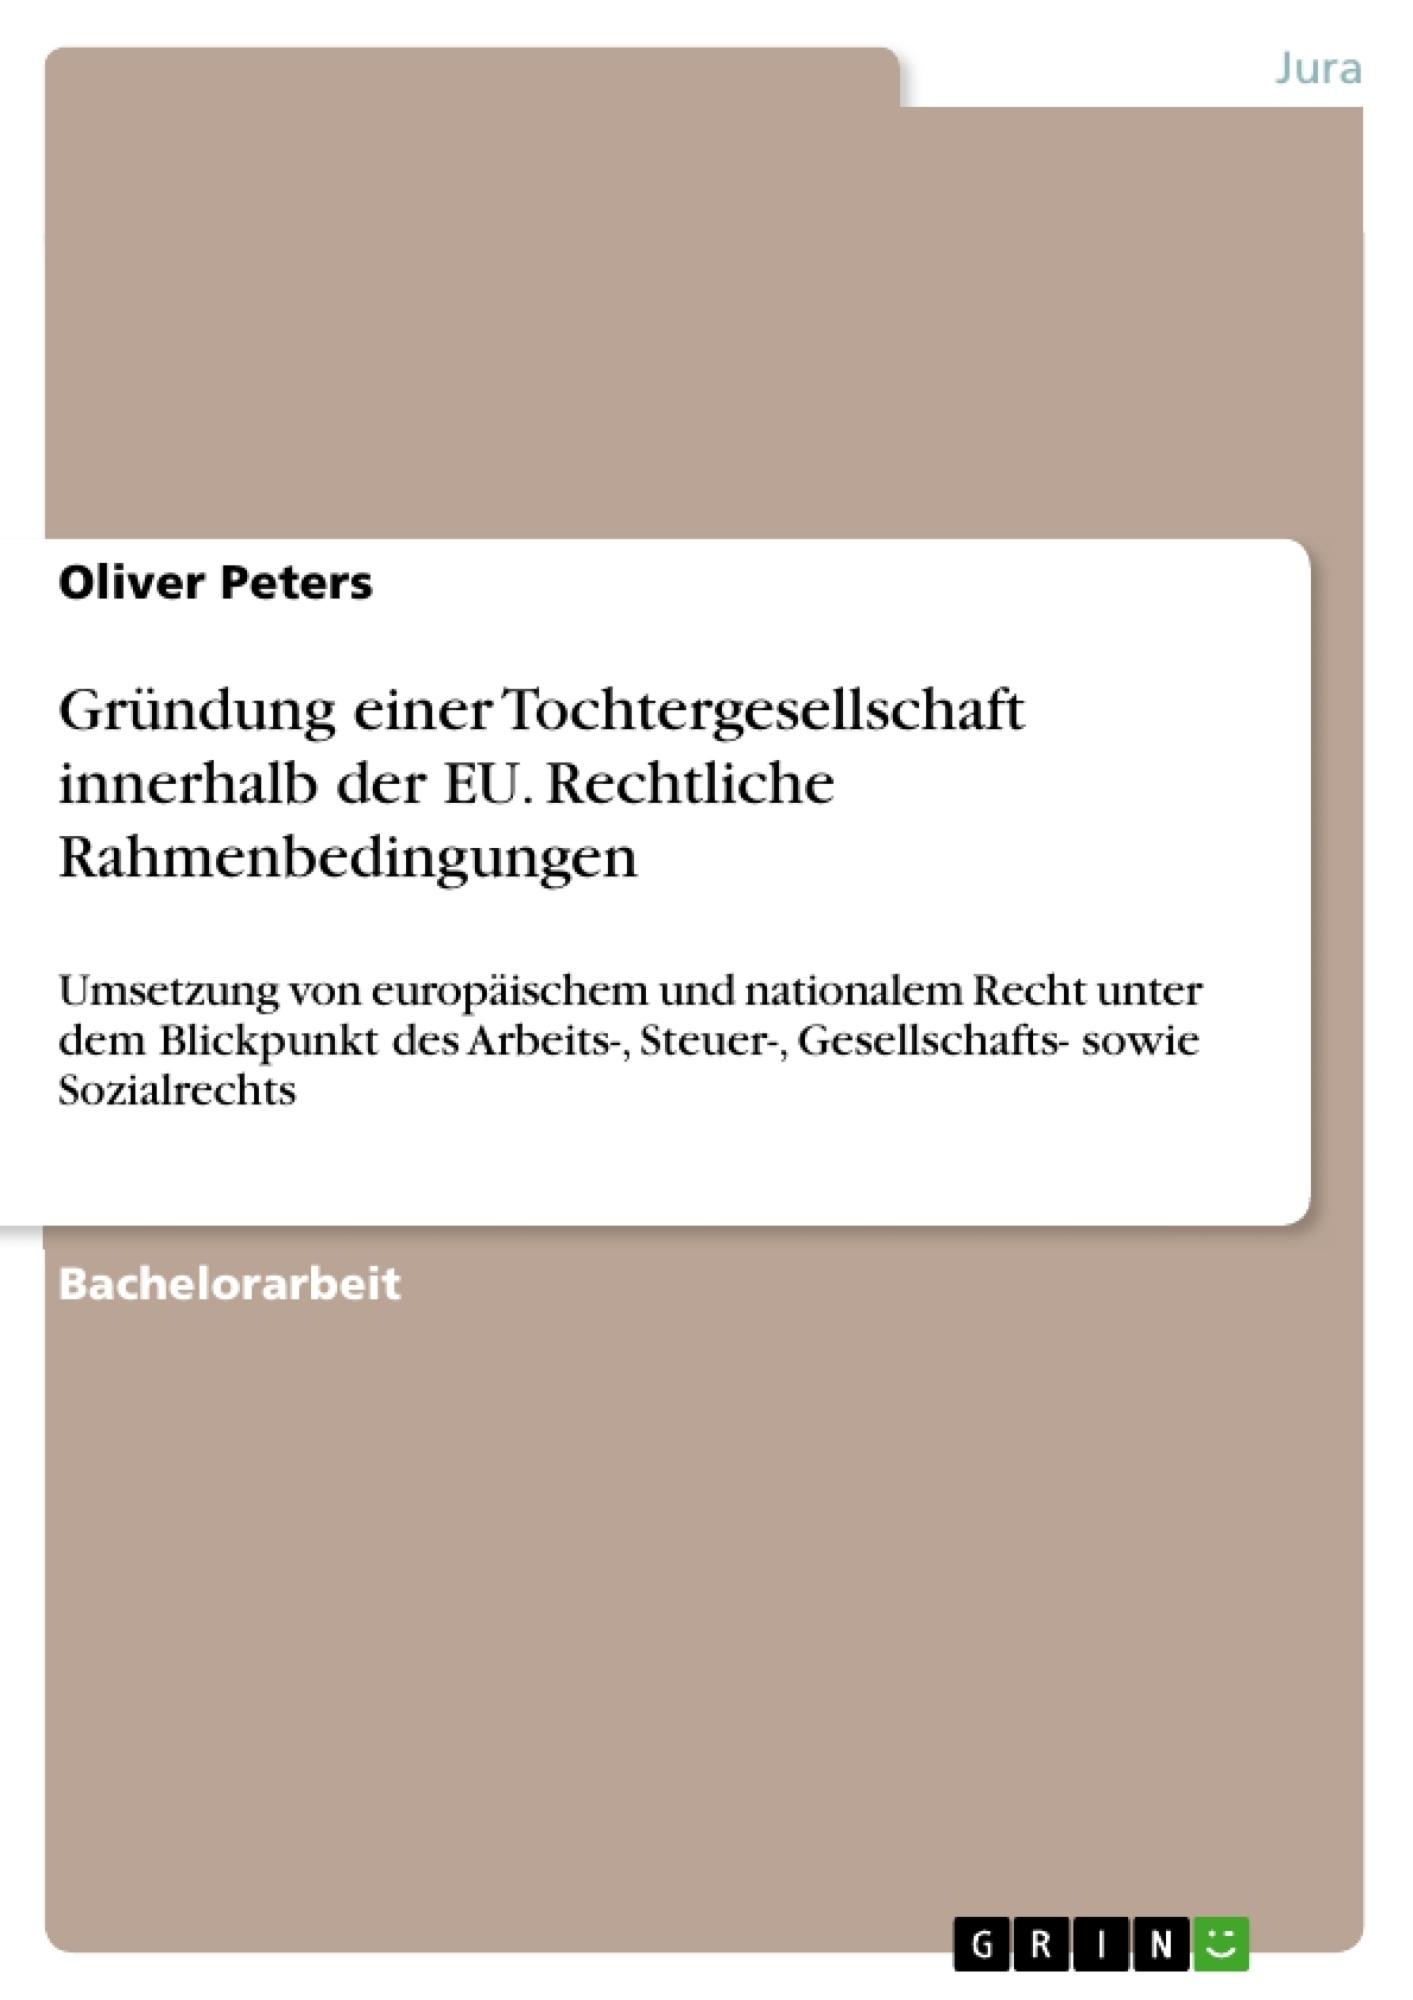 Titel: Gründung einer Tochtergesellschaft innerhalb der EU. Rechtliche Rahmenbedingungen